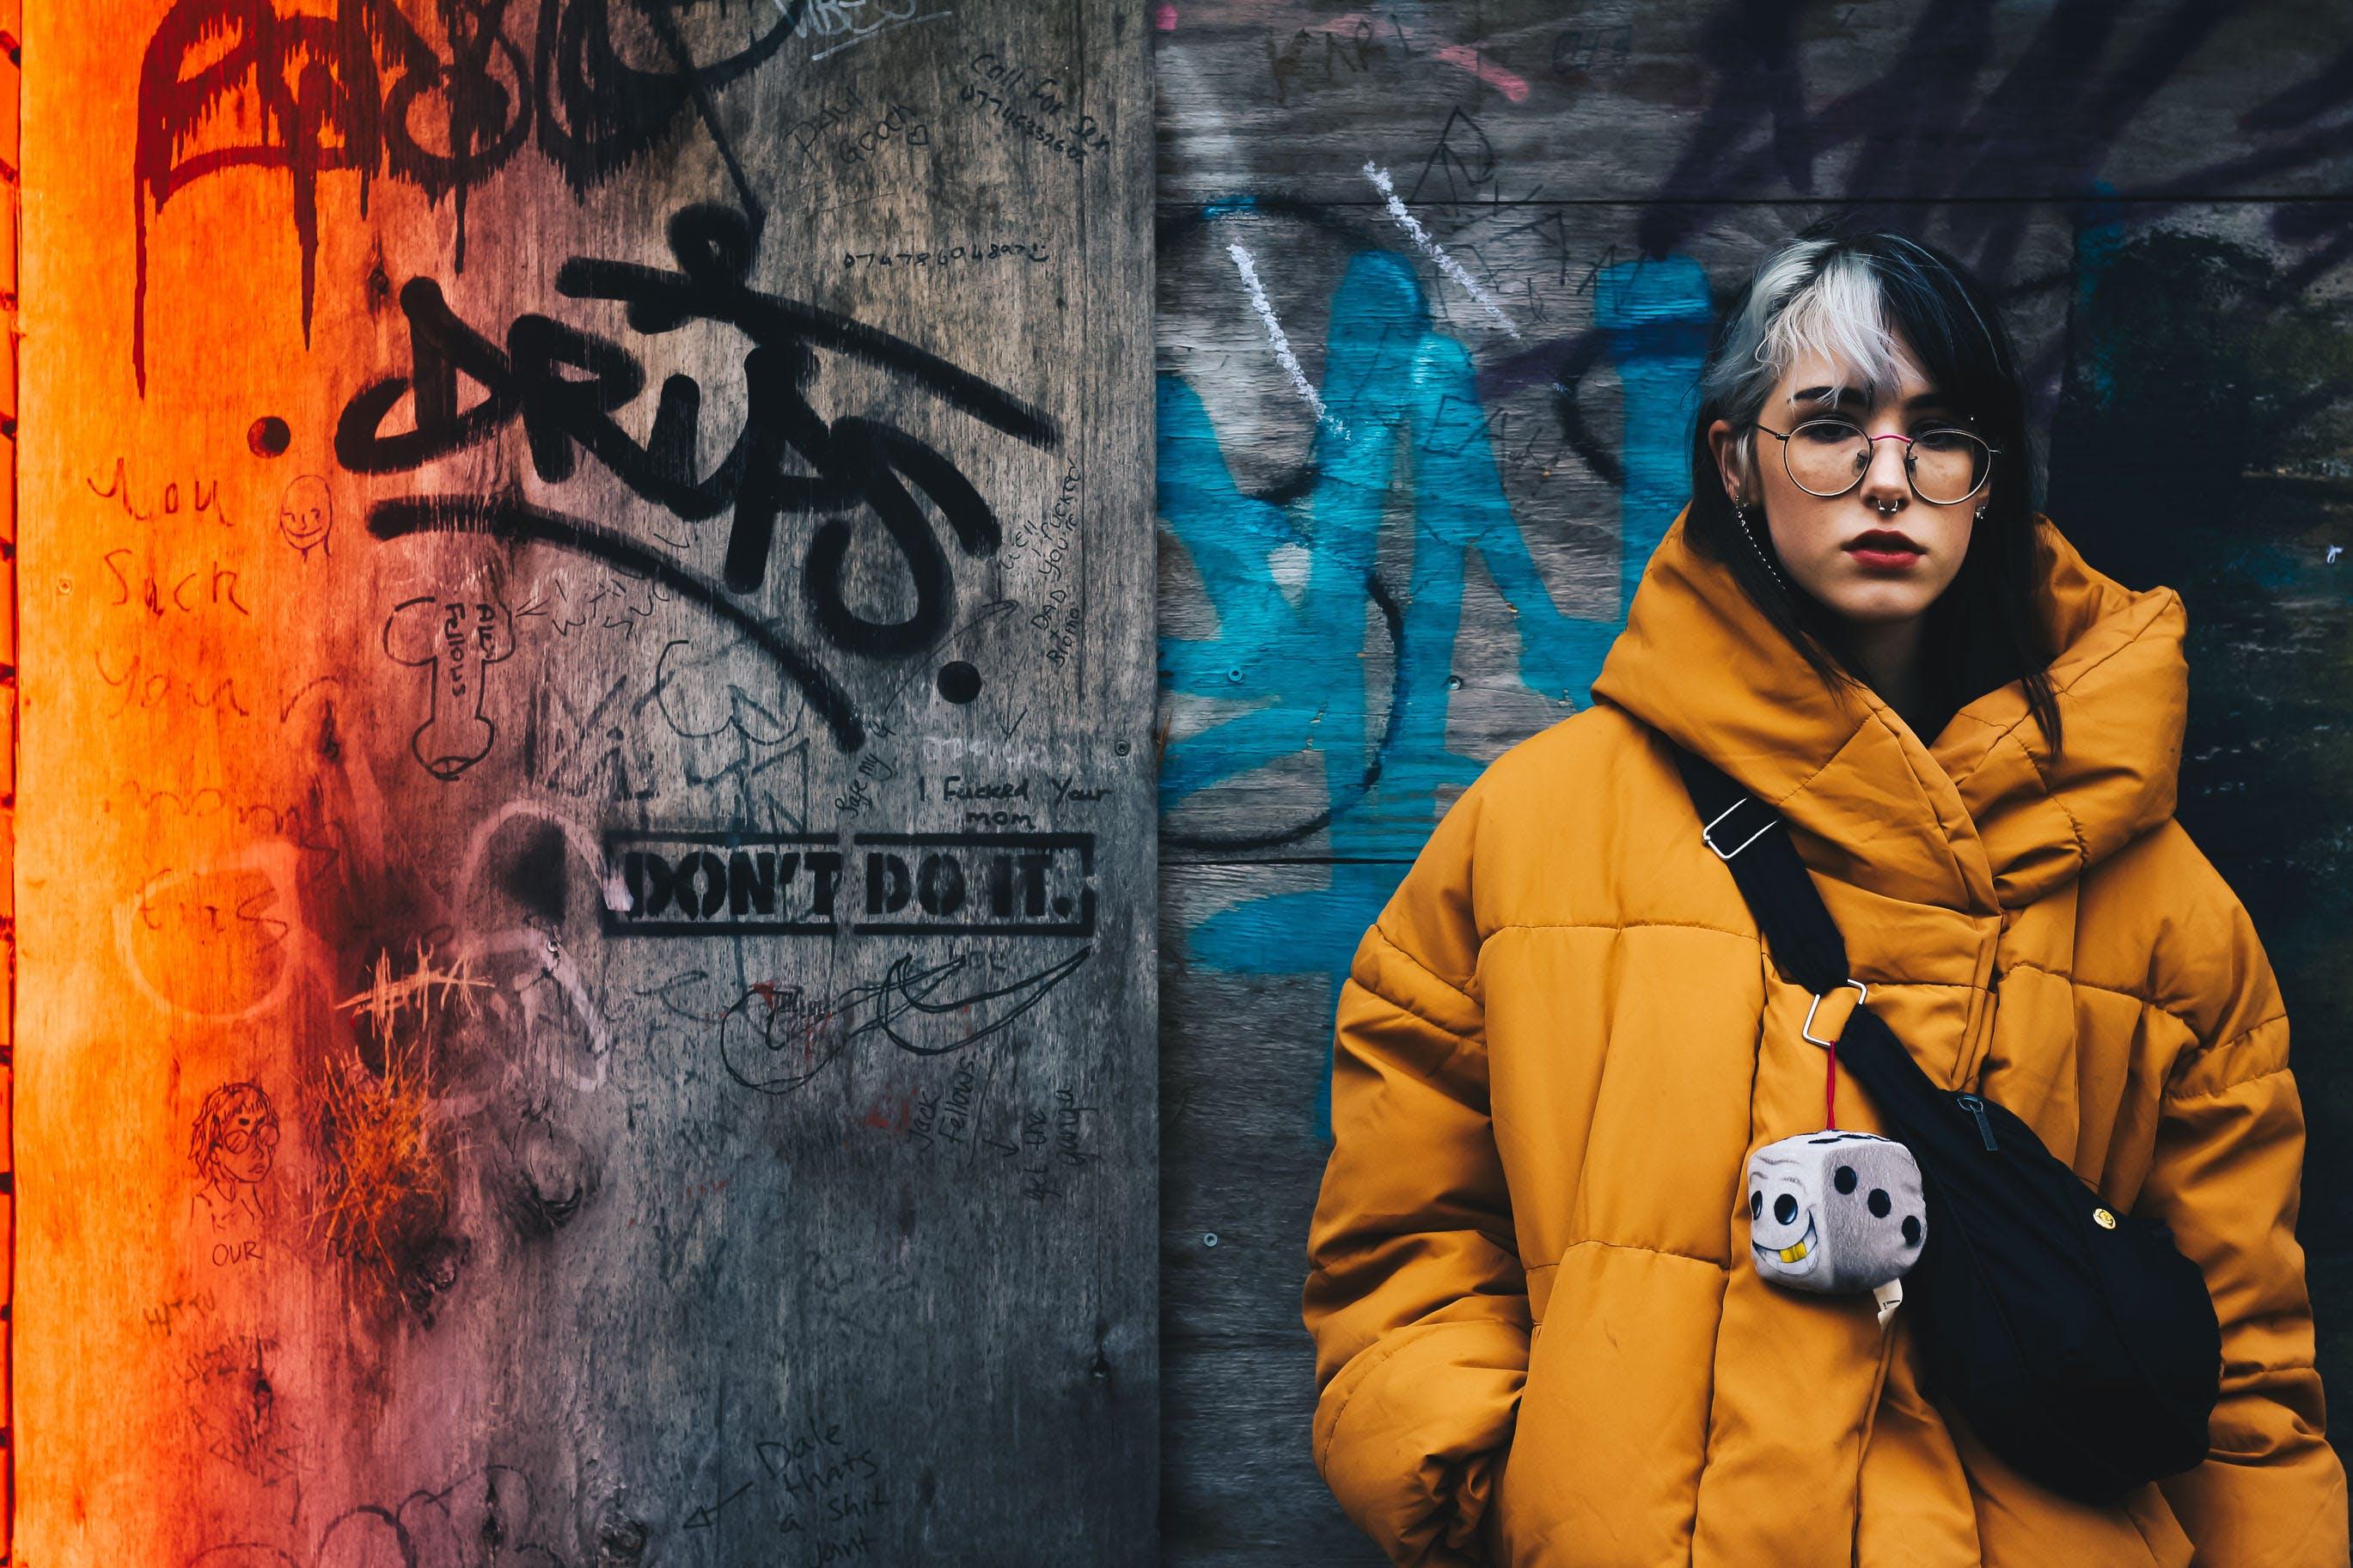 Kostnadsfri bild av gata, glasögon, graffiti, ha på sig